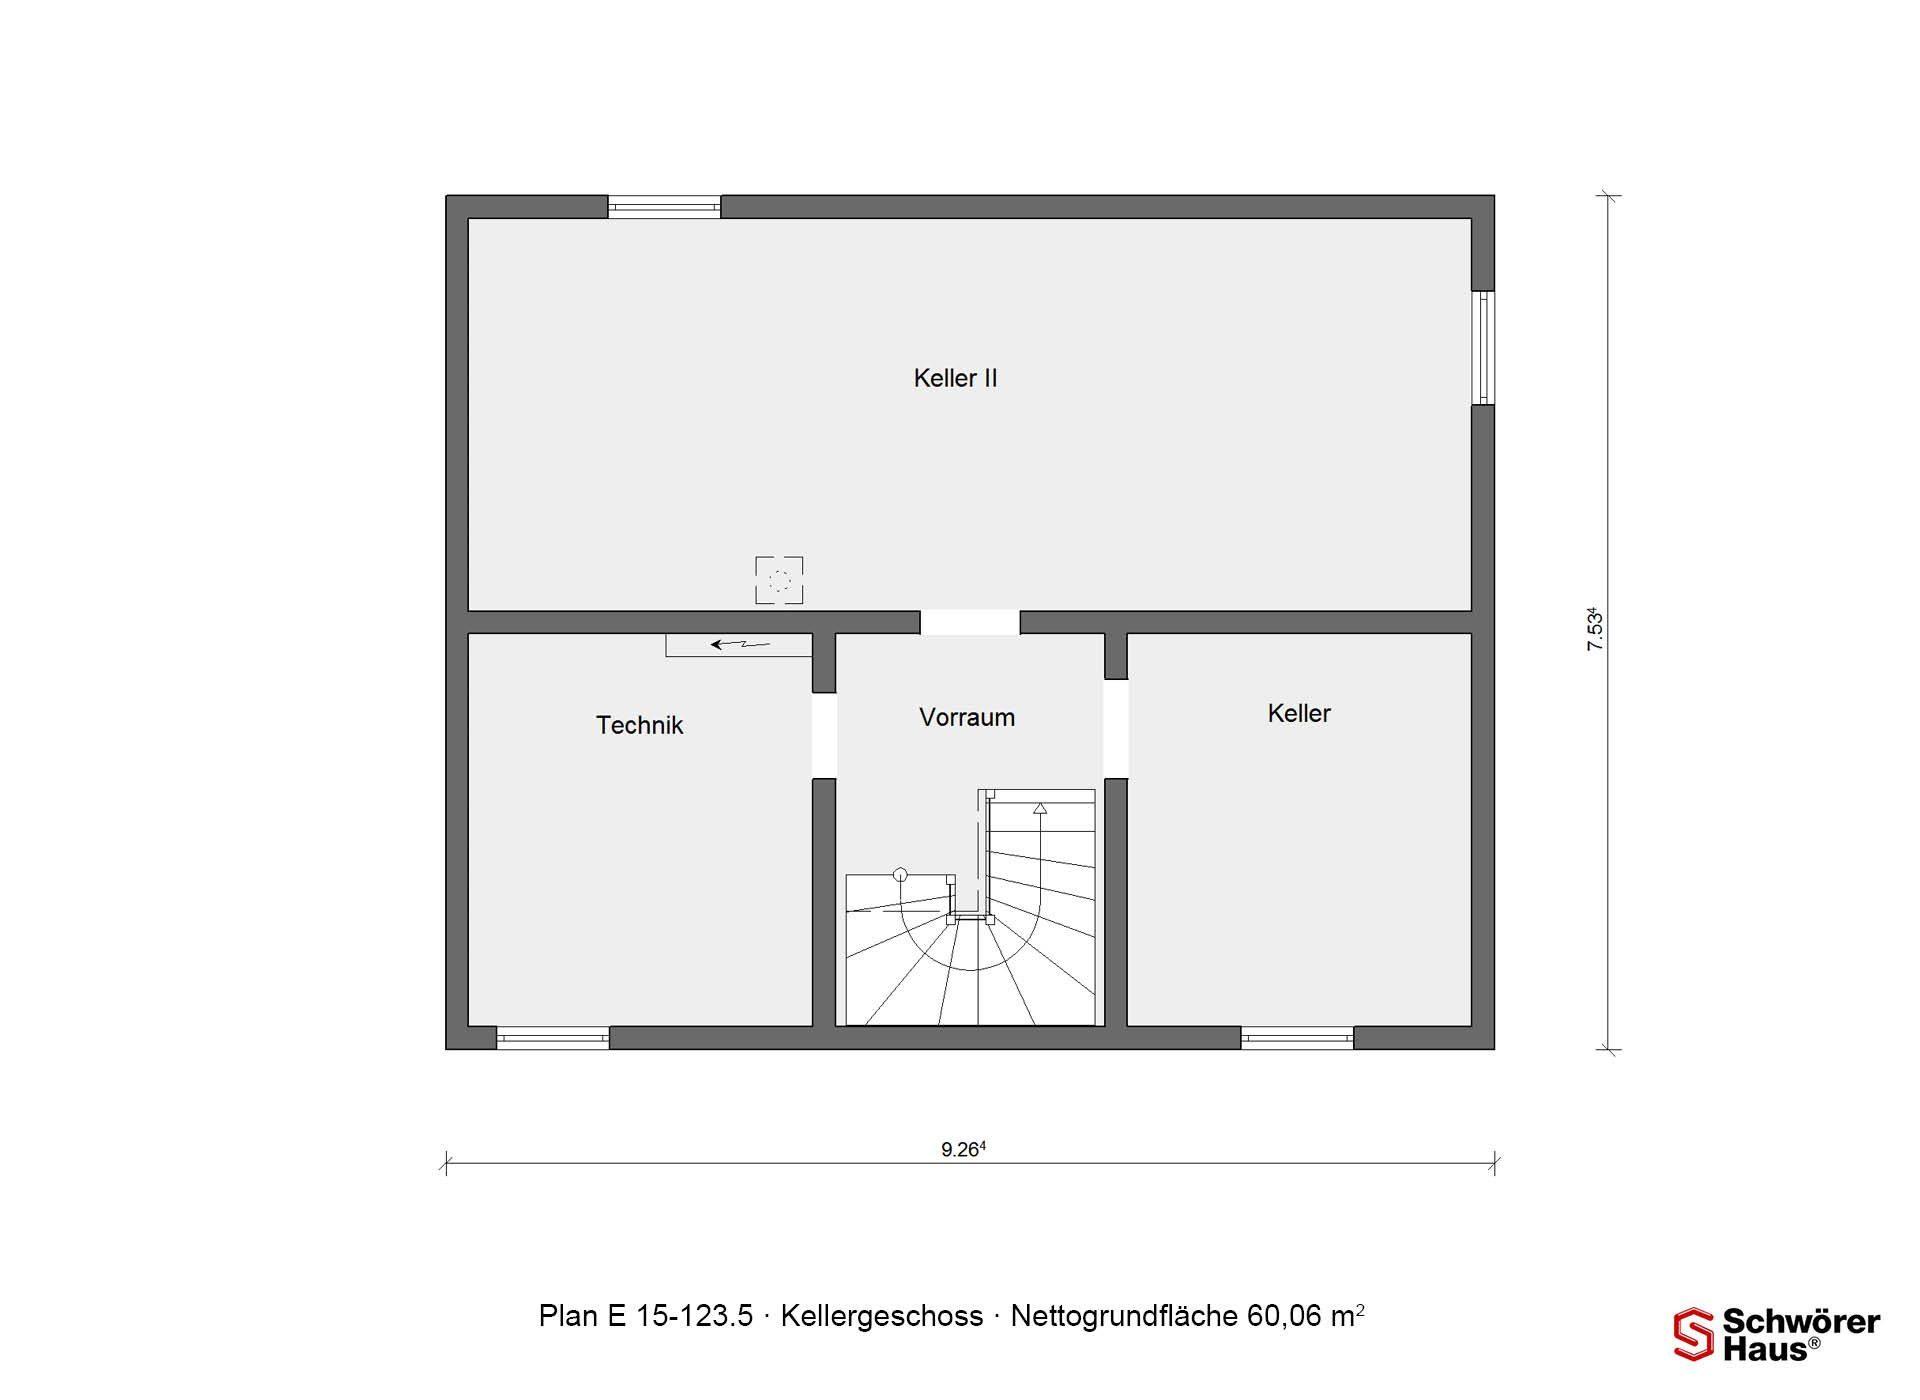 Plan E 15-107.2 - Ein Screenshot eines Videospiels - Gebäudeplan